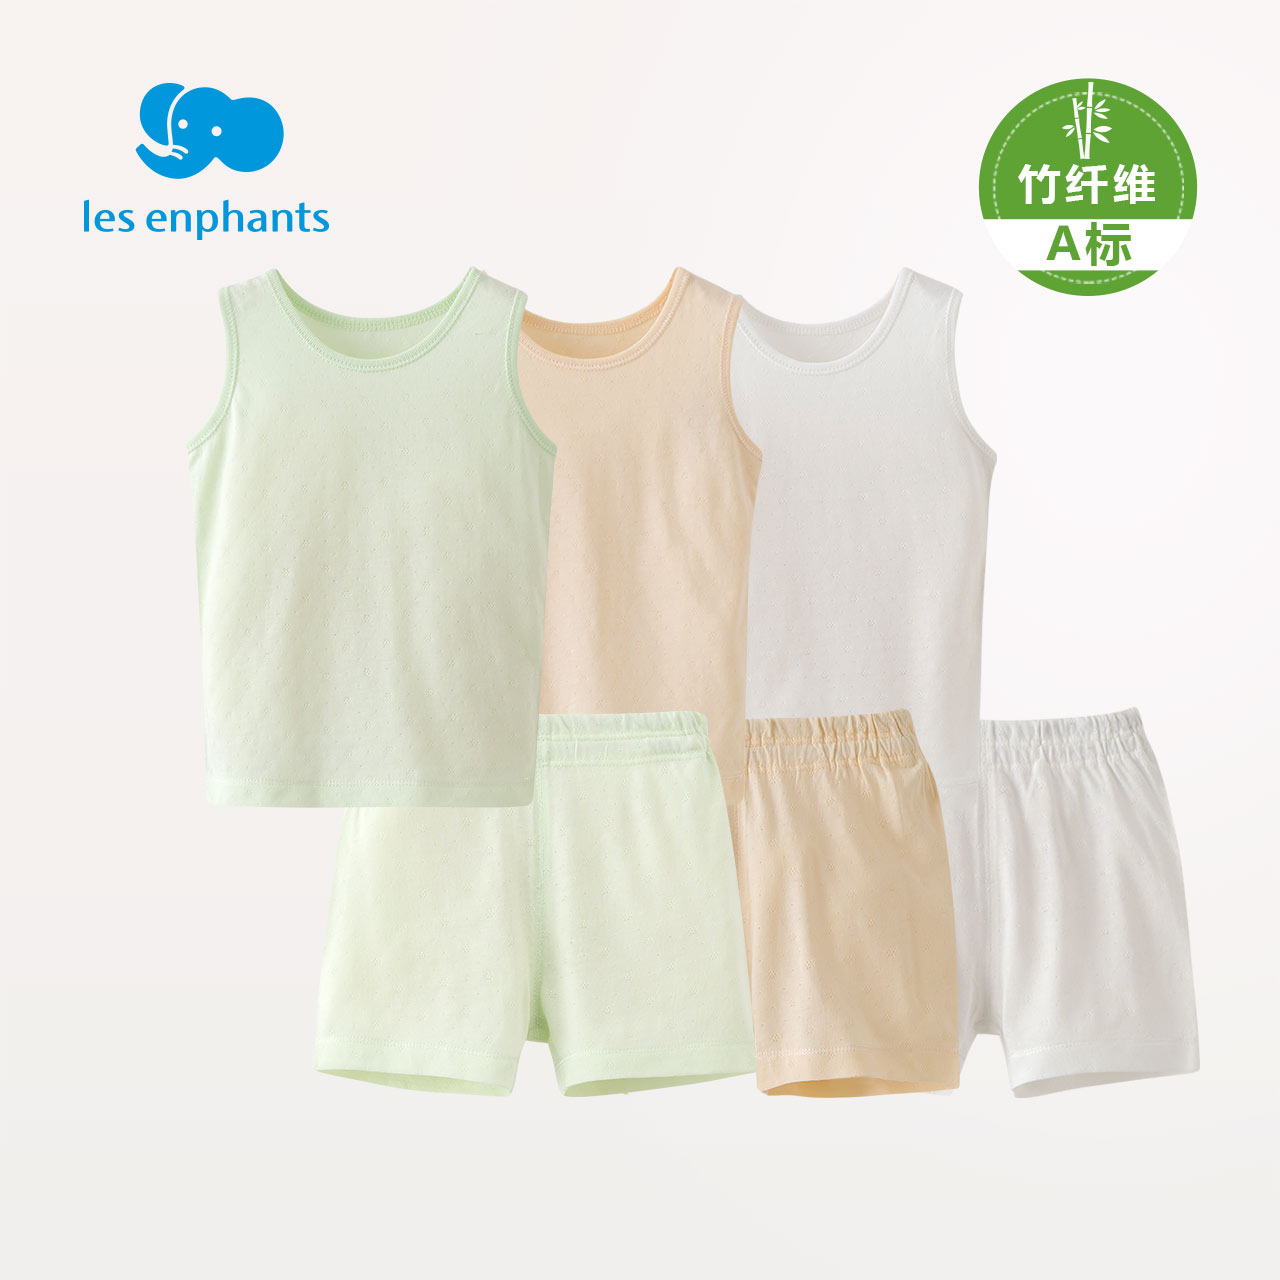 丽婴房童装 2018夏季新款婴儿儿童竹纤维背心短裤男女童内衣套装